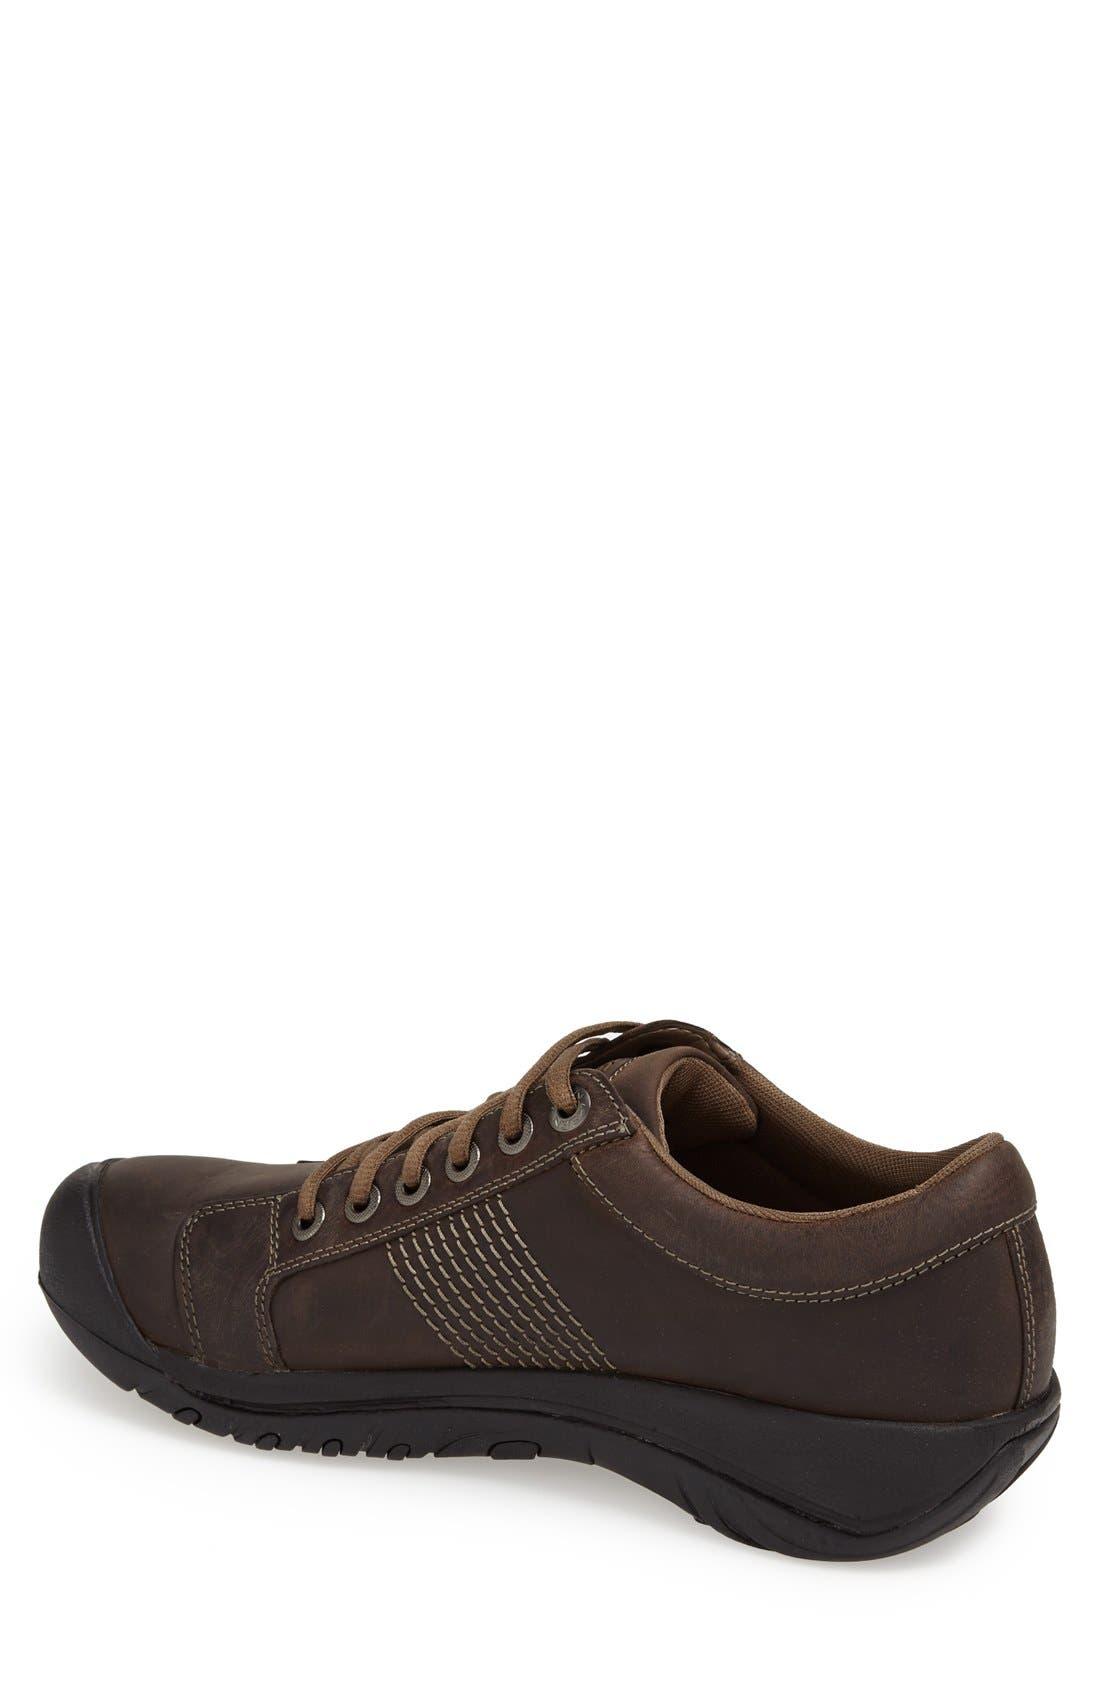 Alternate Image 2  - Keen 'Austin' Sneaker (Men)